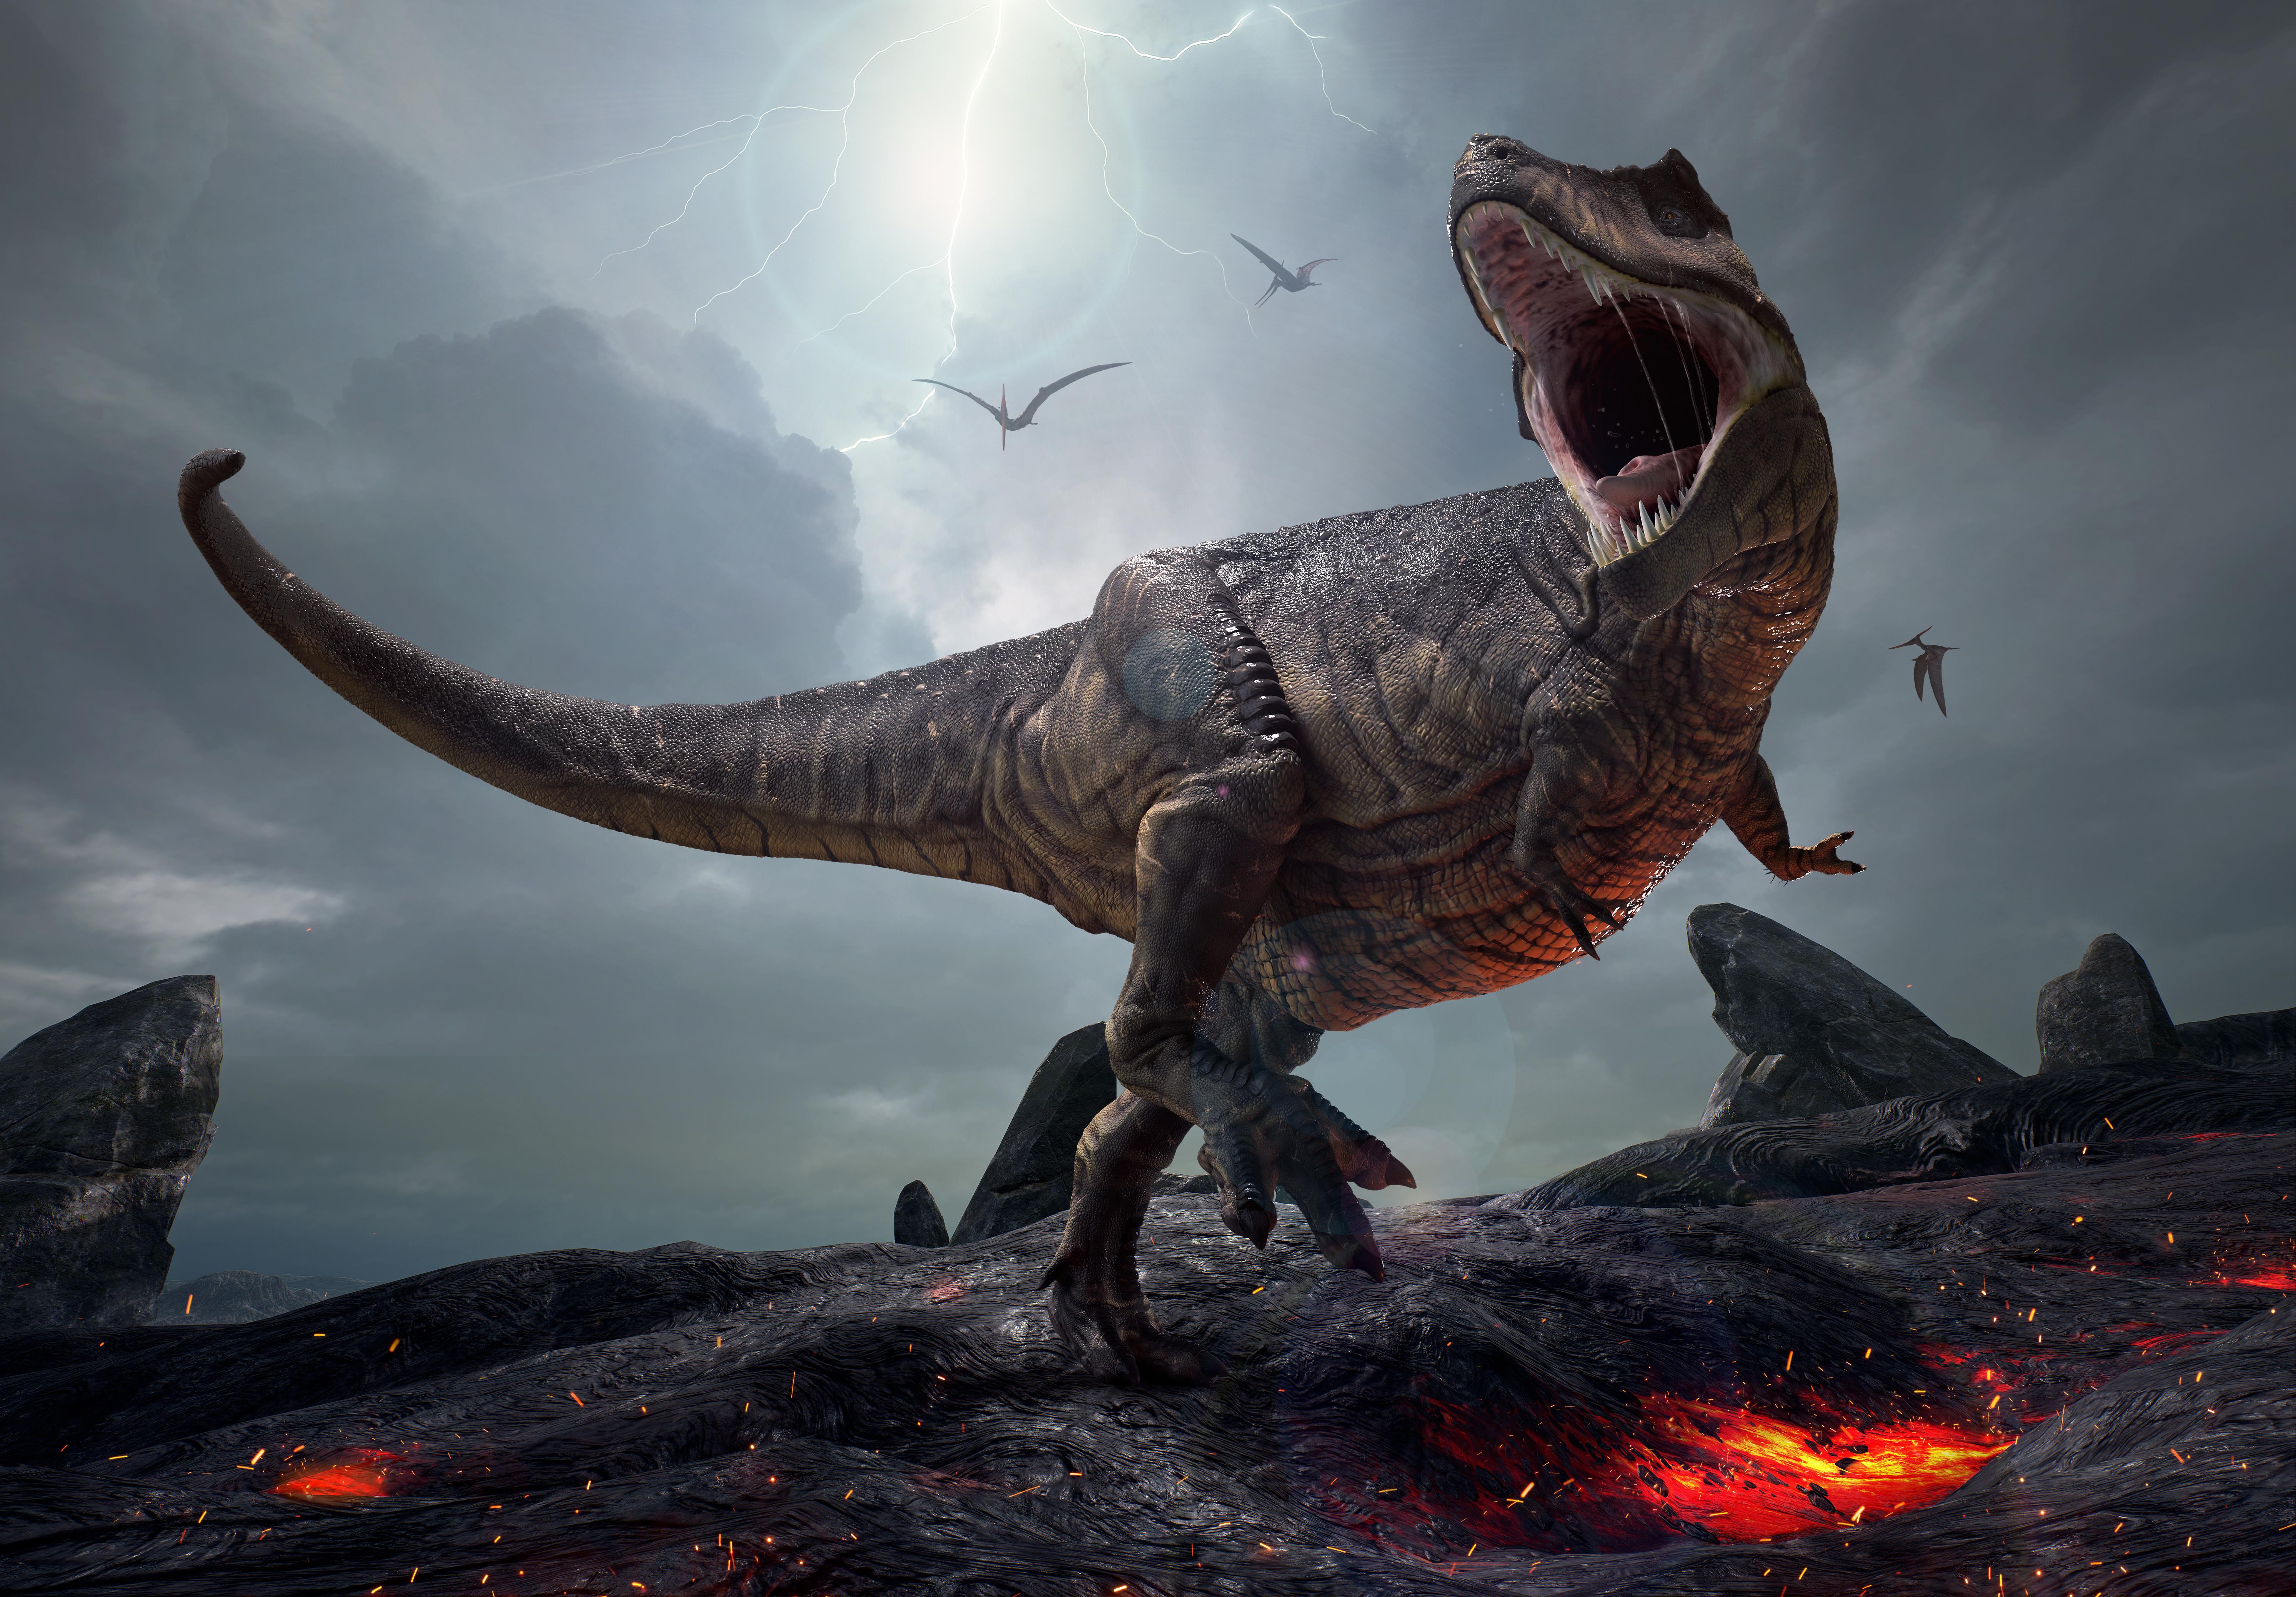 Фотография Тираннозавр рекс Динозавры 3д злость 5971x4153 динозавр 3D Графика злой Оскал рычит